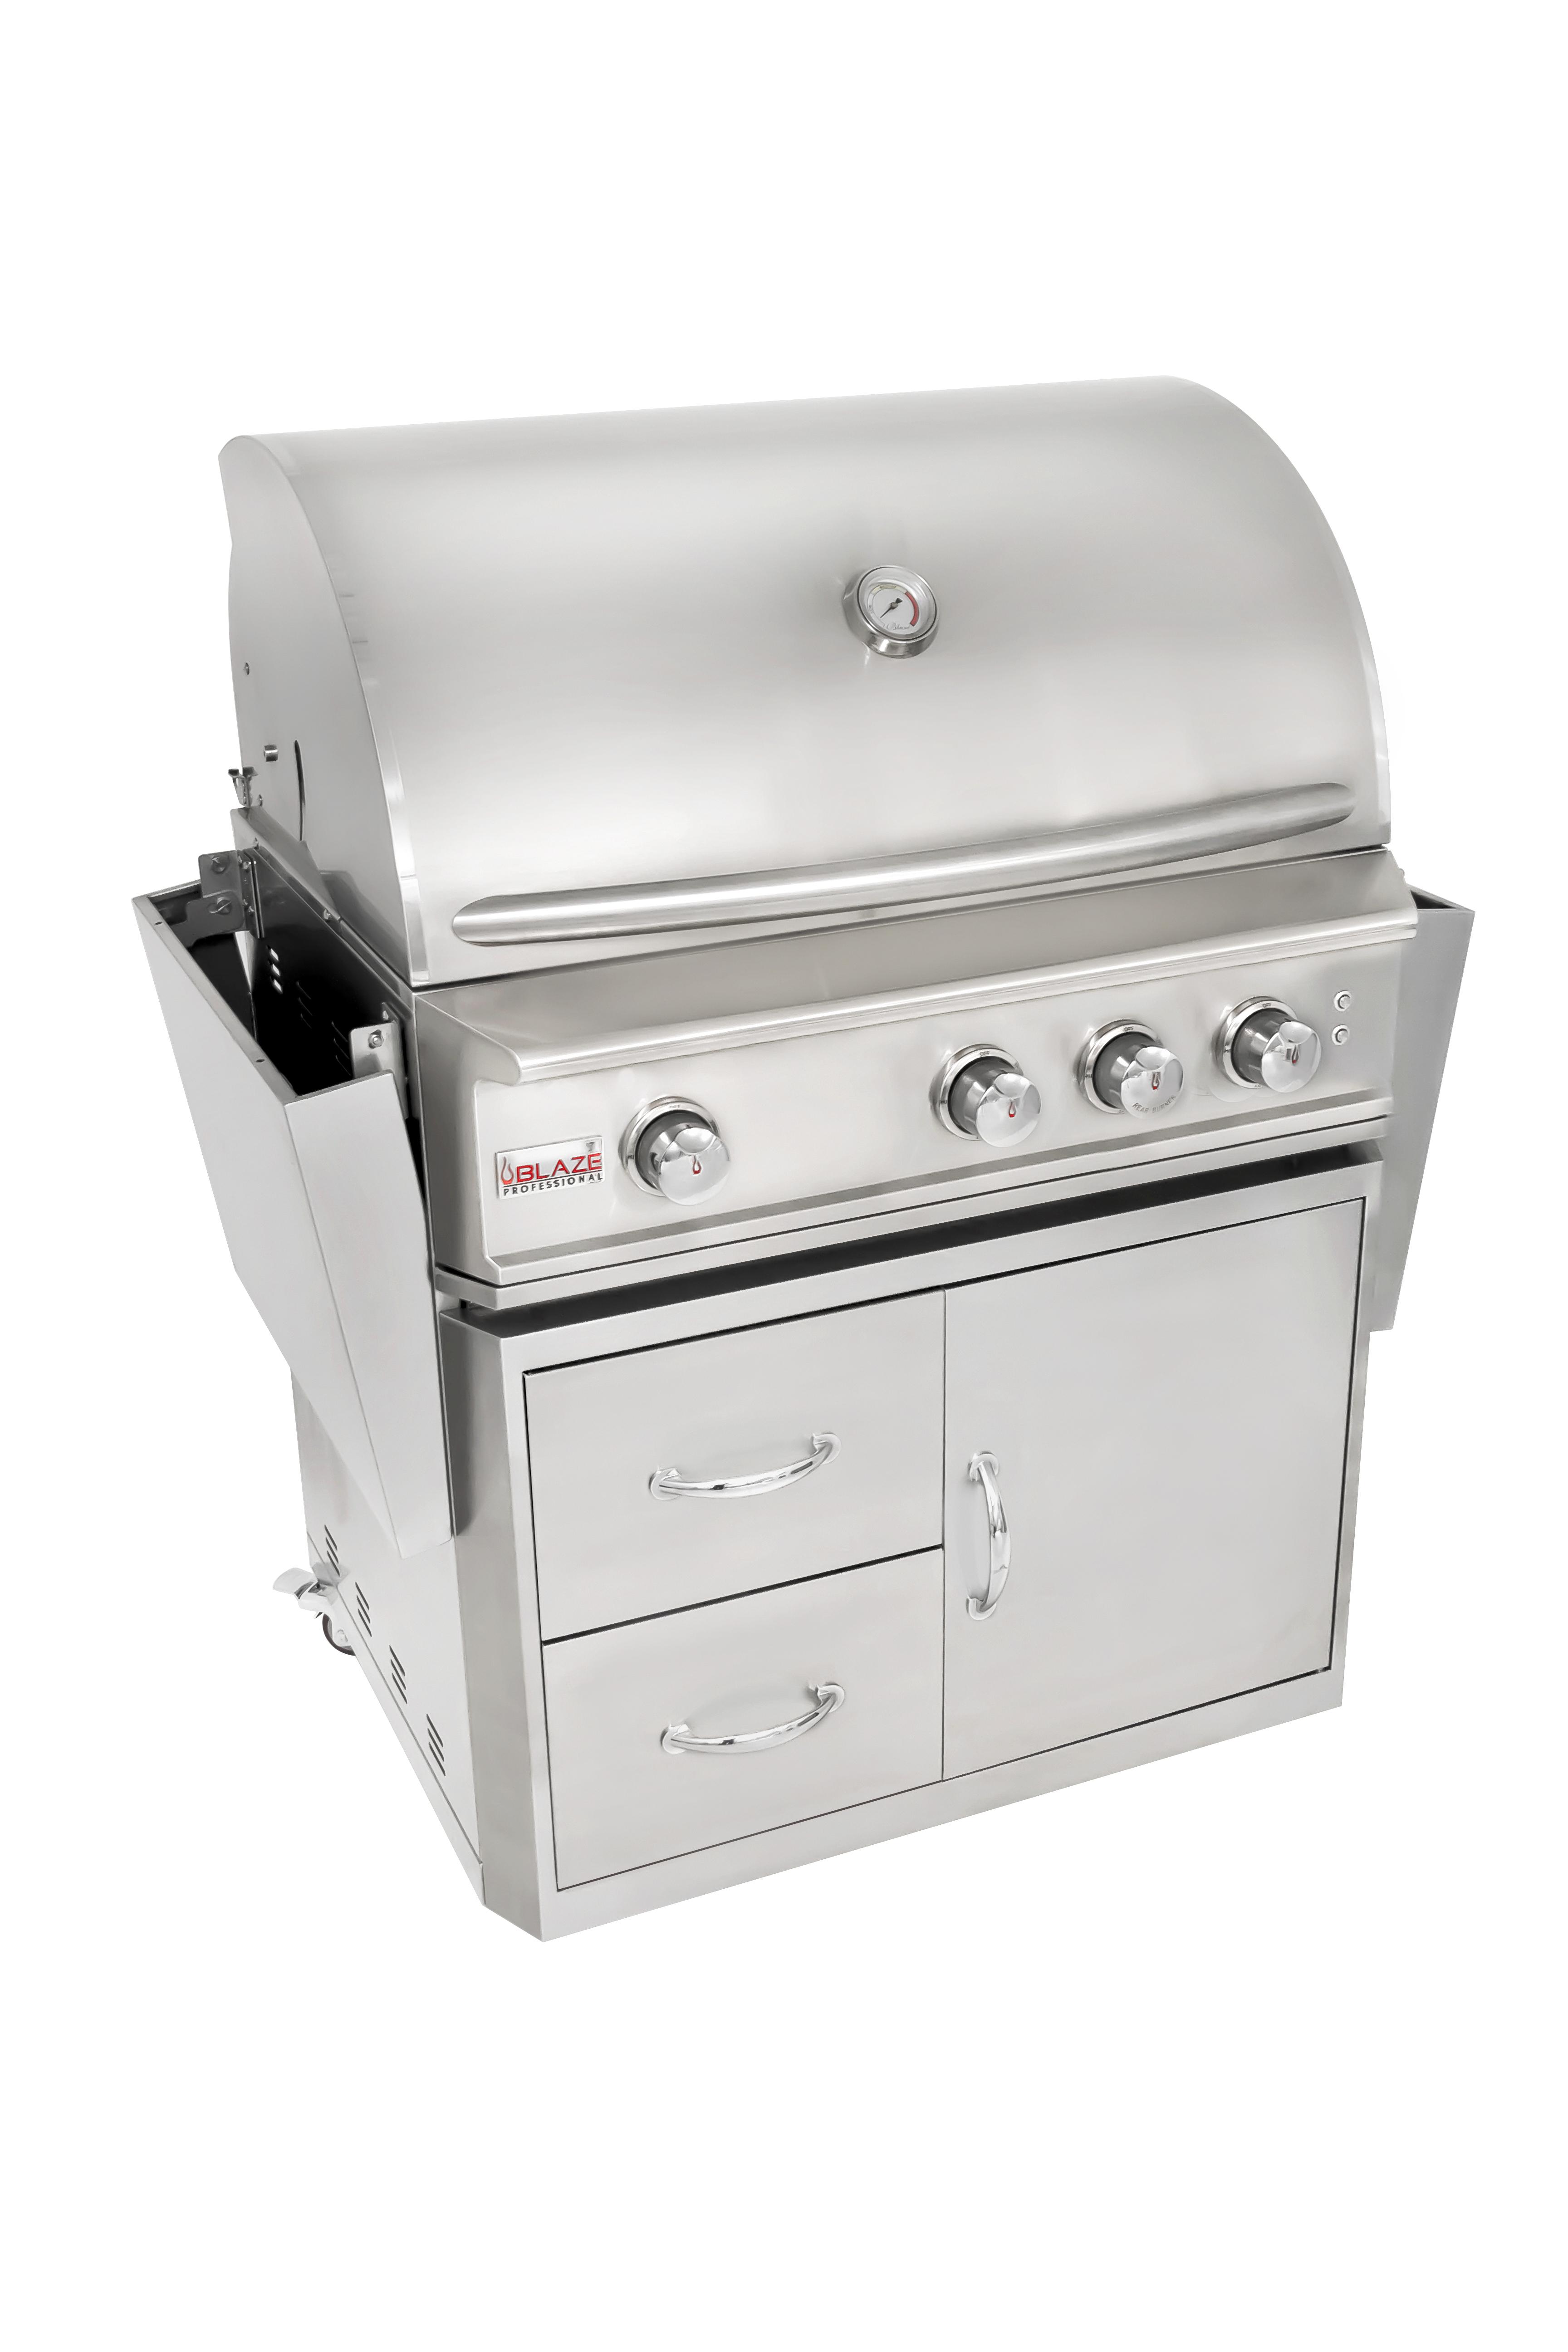 best of backyard blaze grills u2013 3 burner professional gas grill